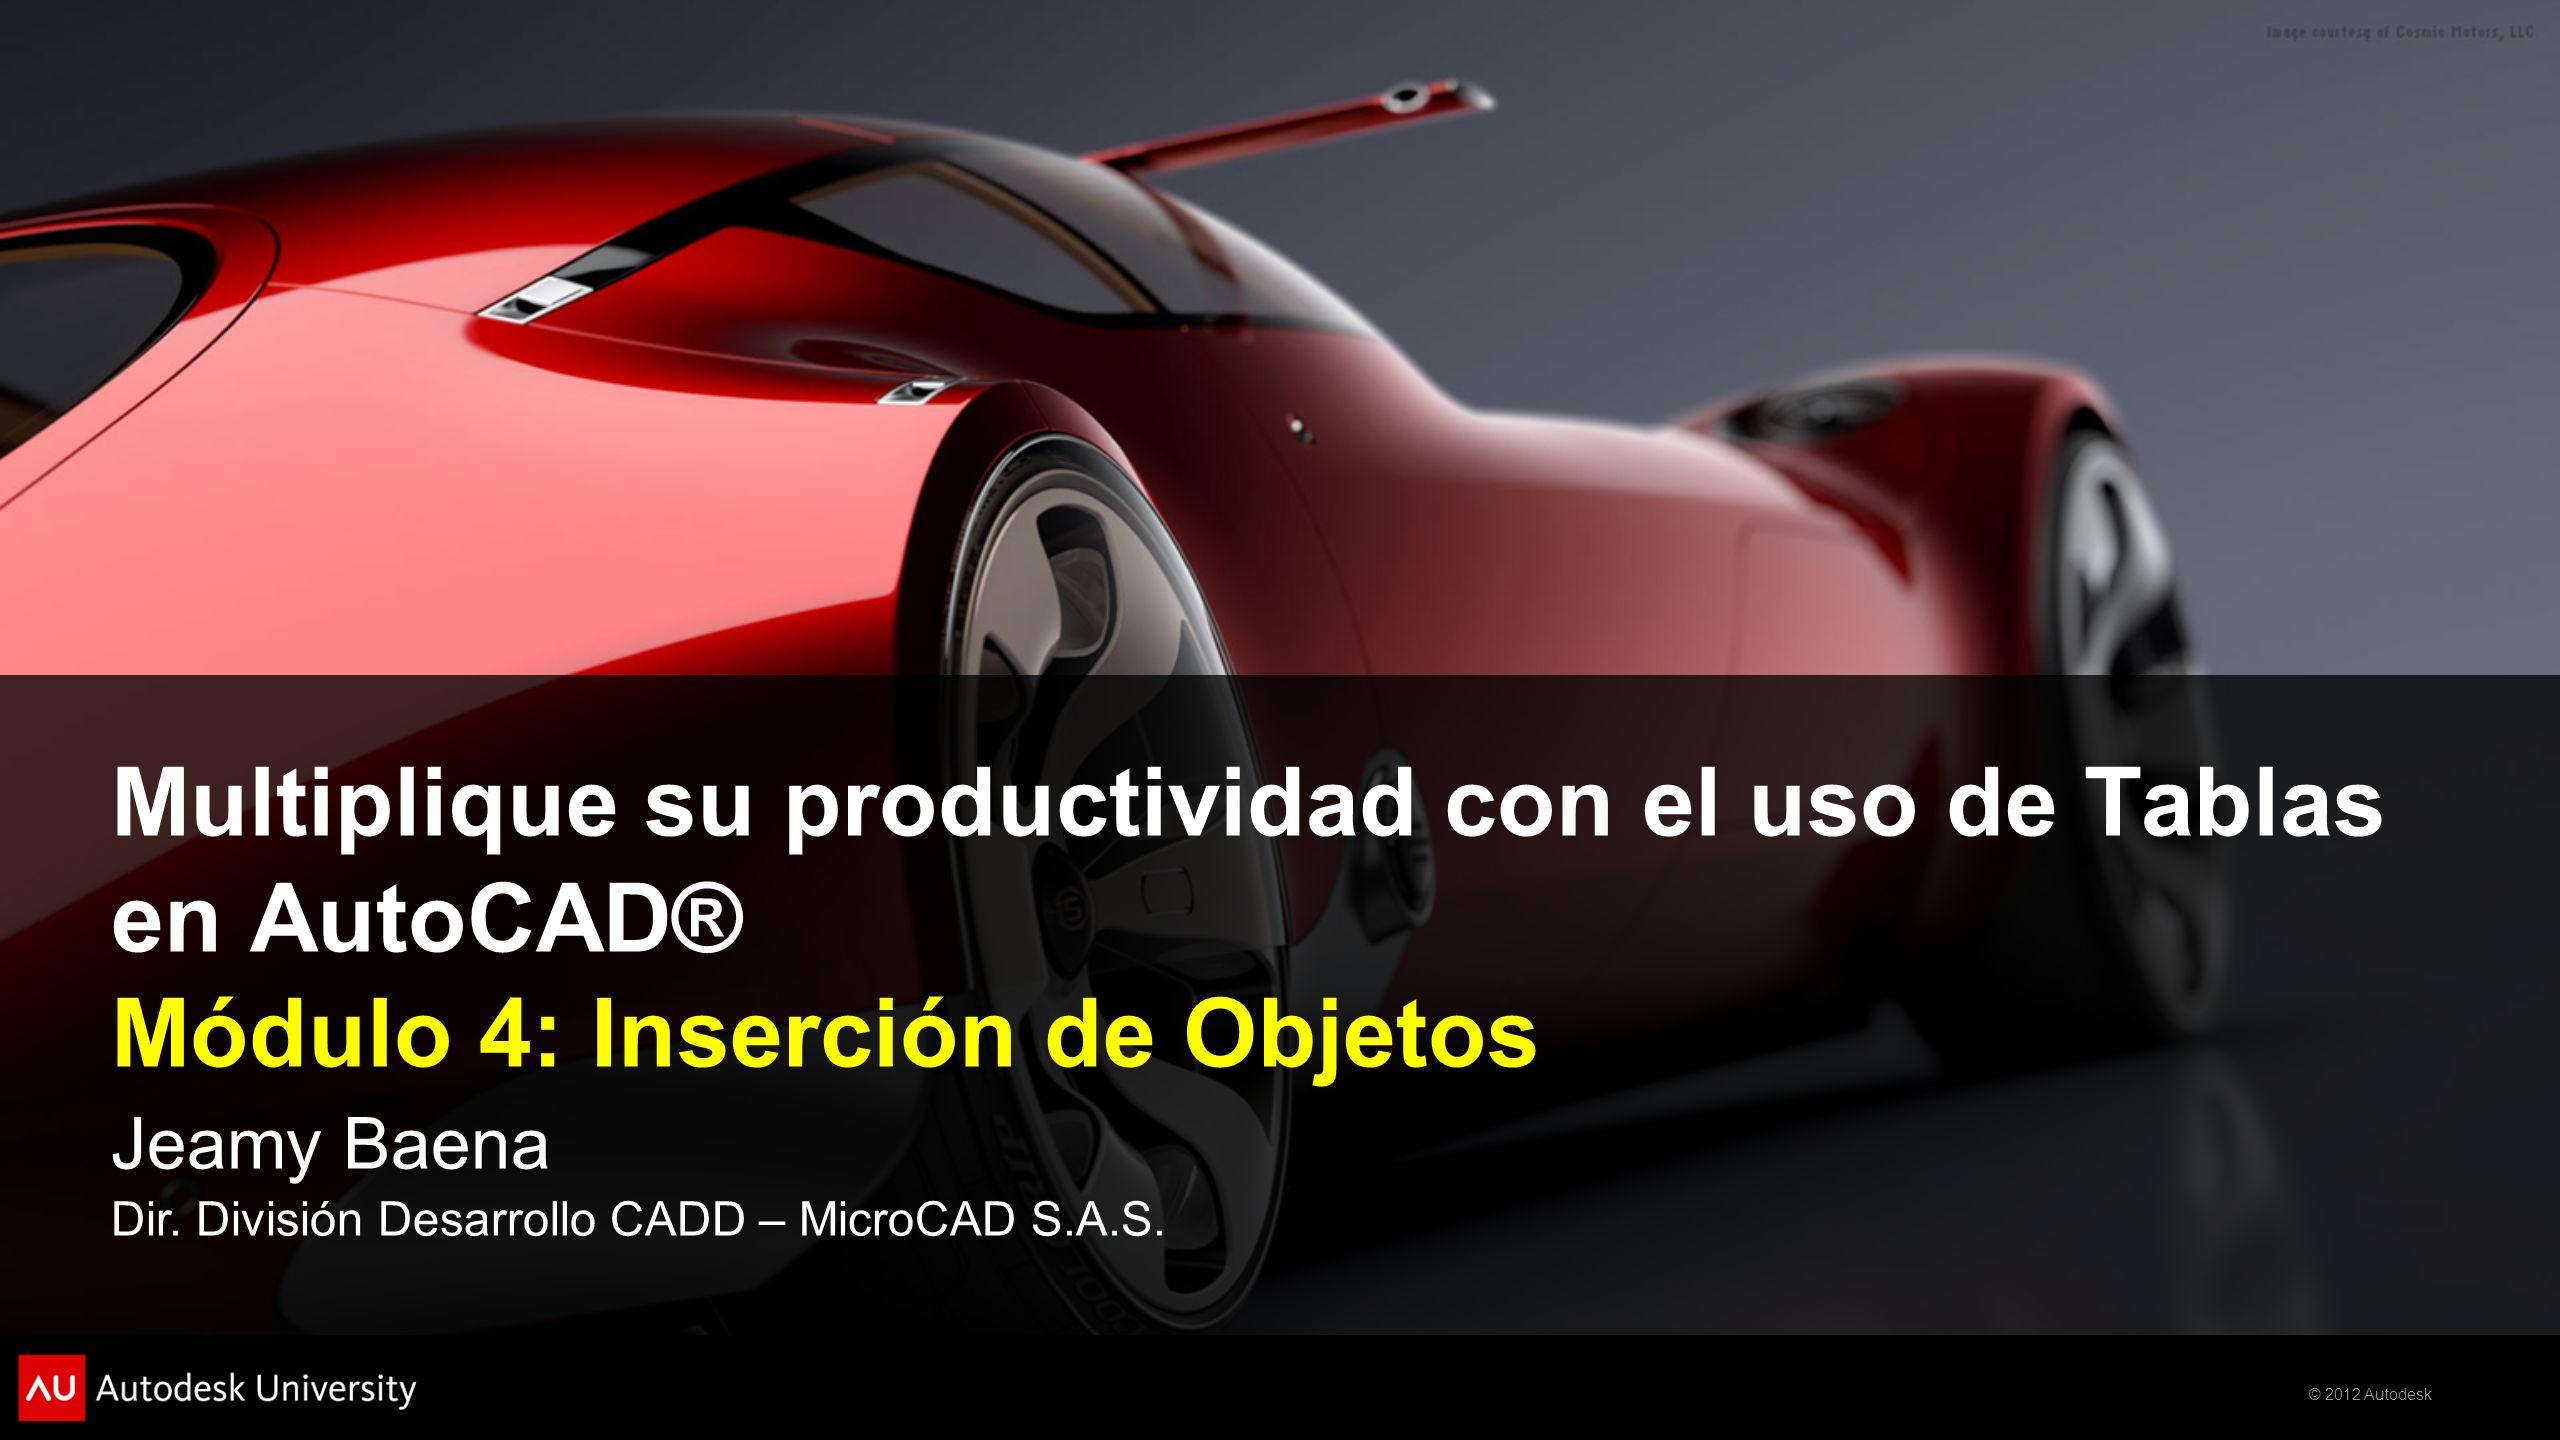 © 2012 Autodesk Multiplique su productividad con el uso de Tablas en AutoCAD® Módulo 4: Inserción de Objetos Jeamy Baena Dir. División Desarrollo CADD